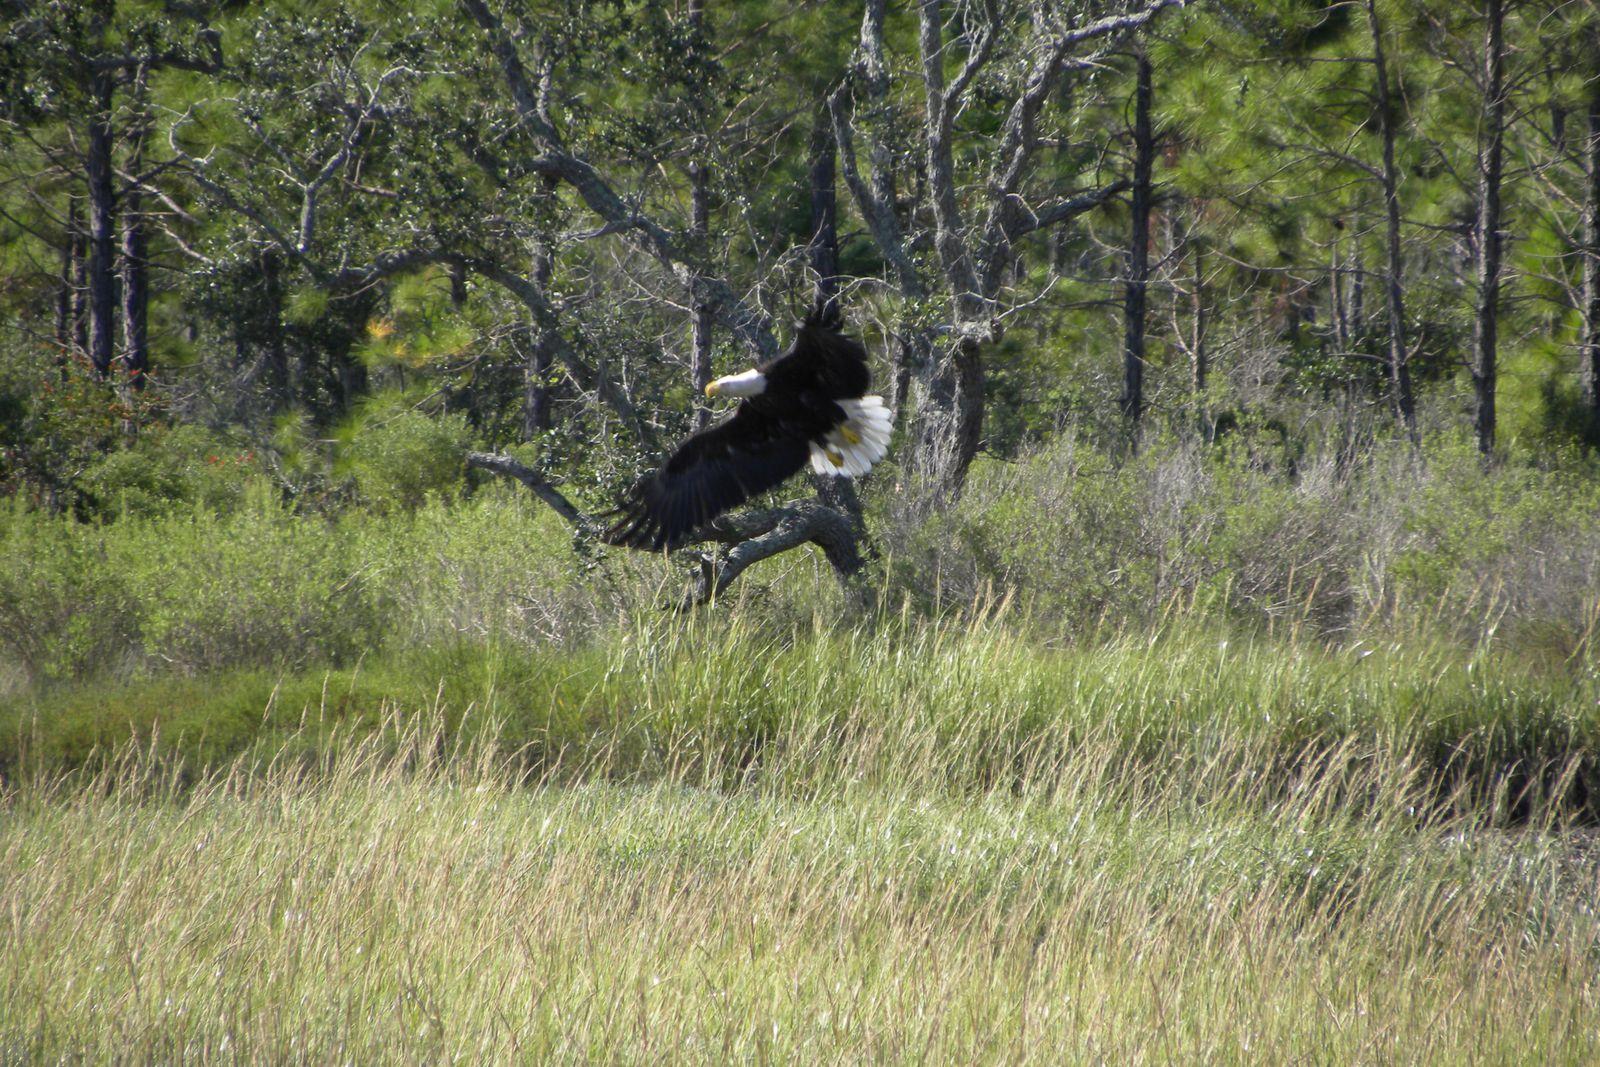 De haut en bas : Aigle chauve (bald eagle), Bald Point. Ces photos ont été prises par Mike lors de son récent voyage en Floride.